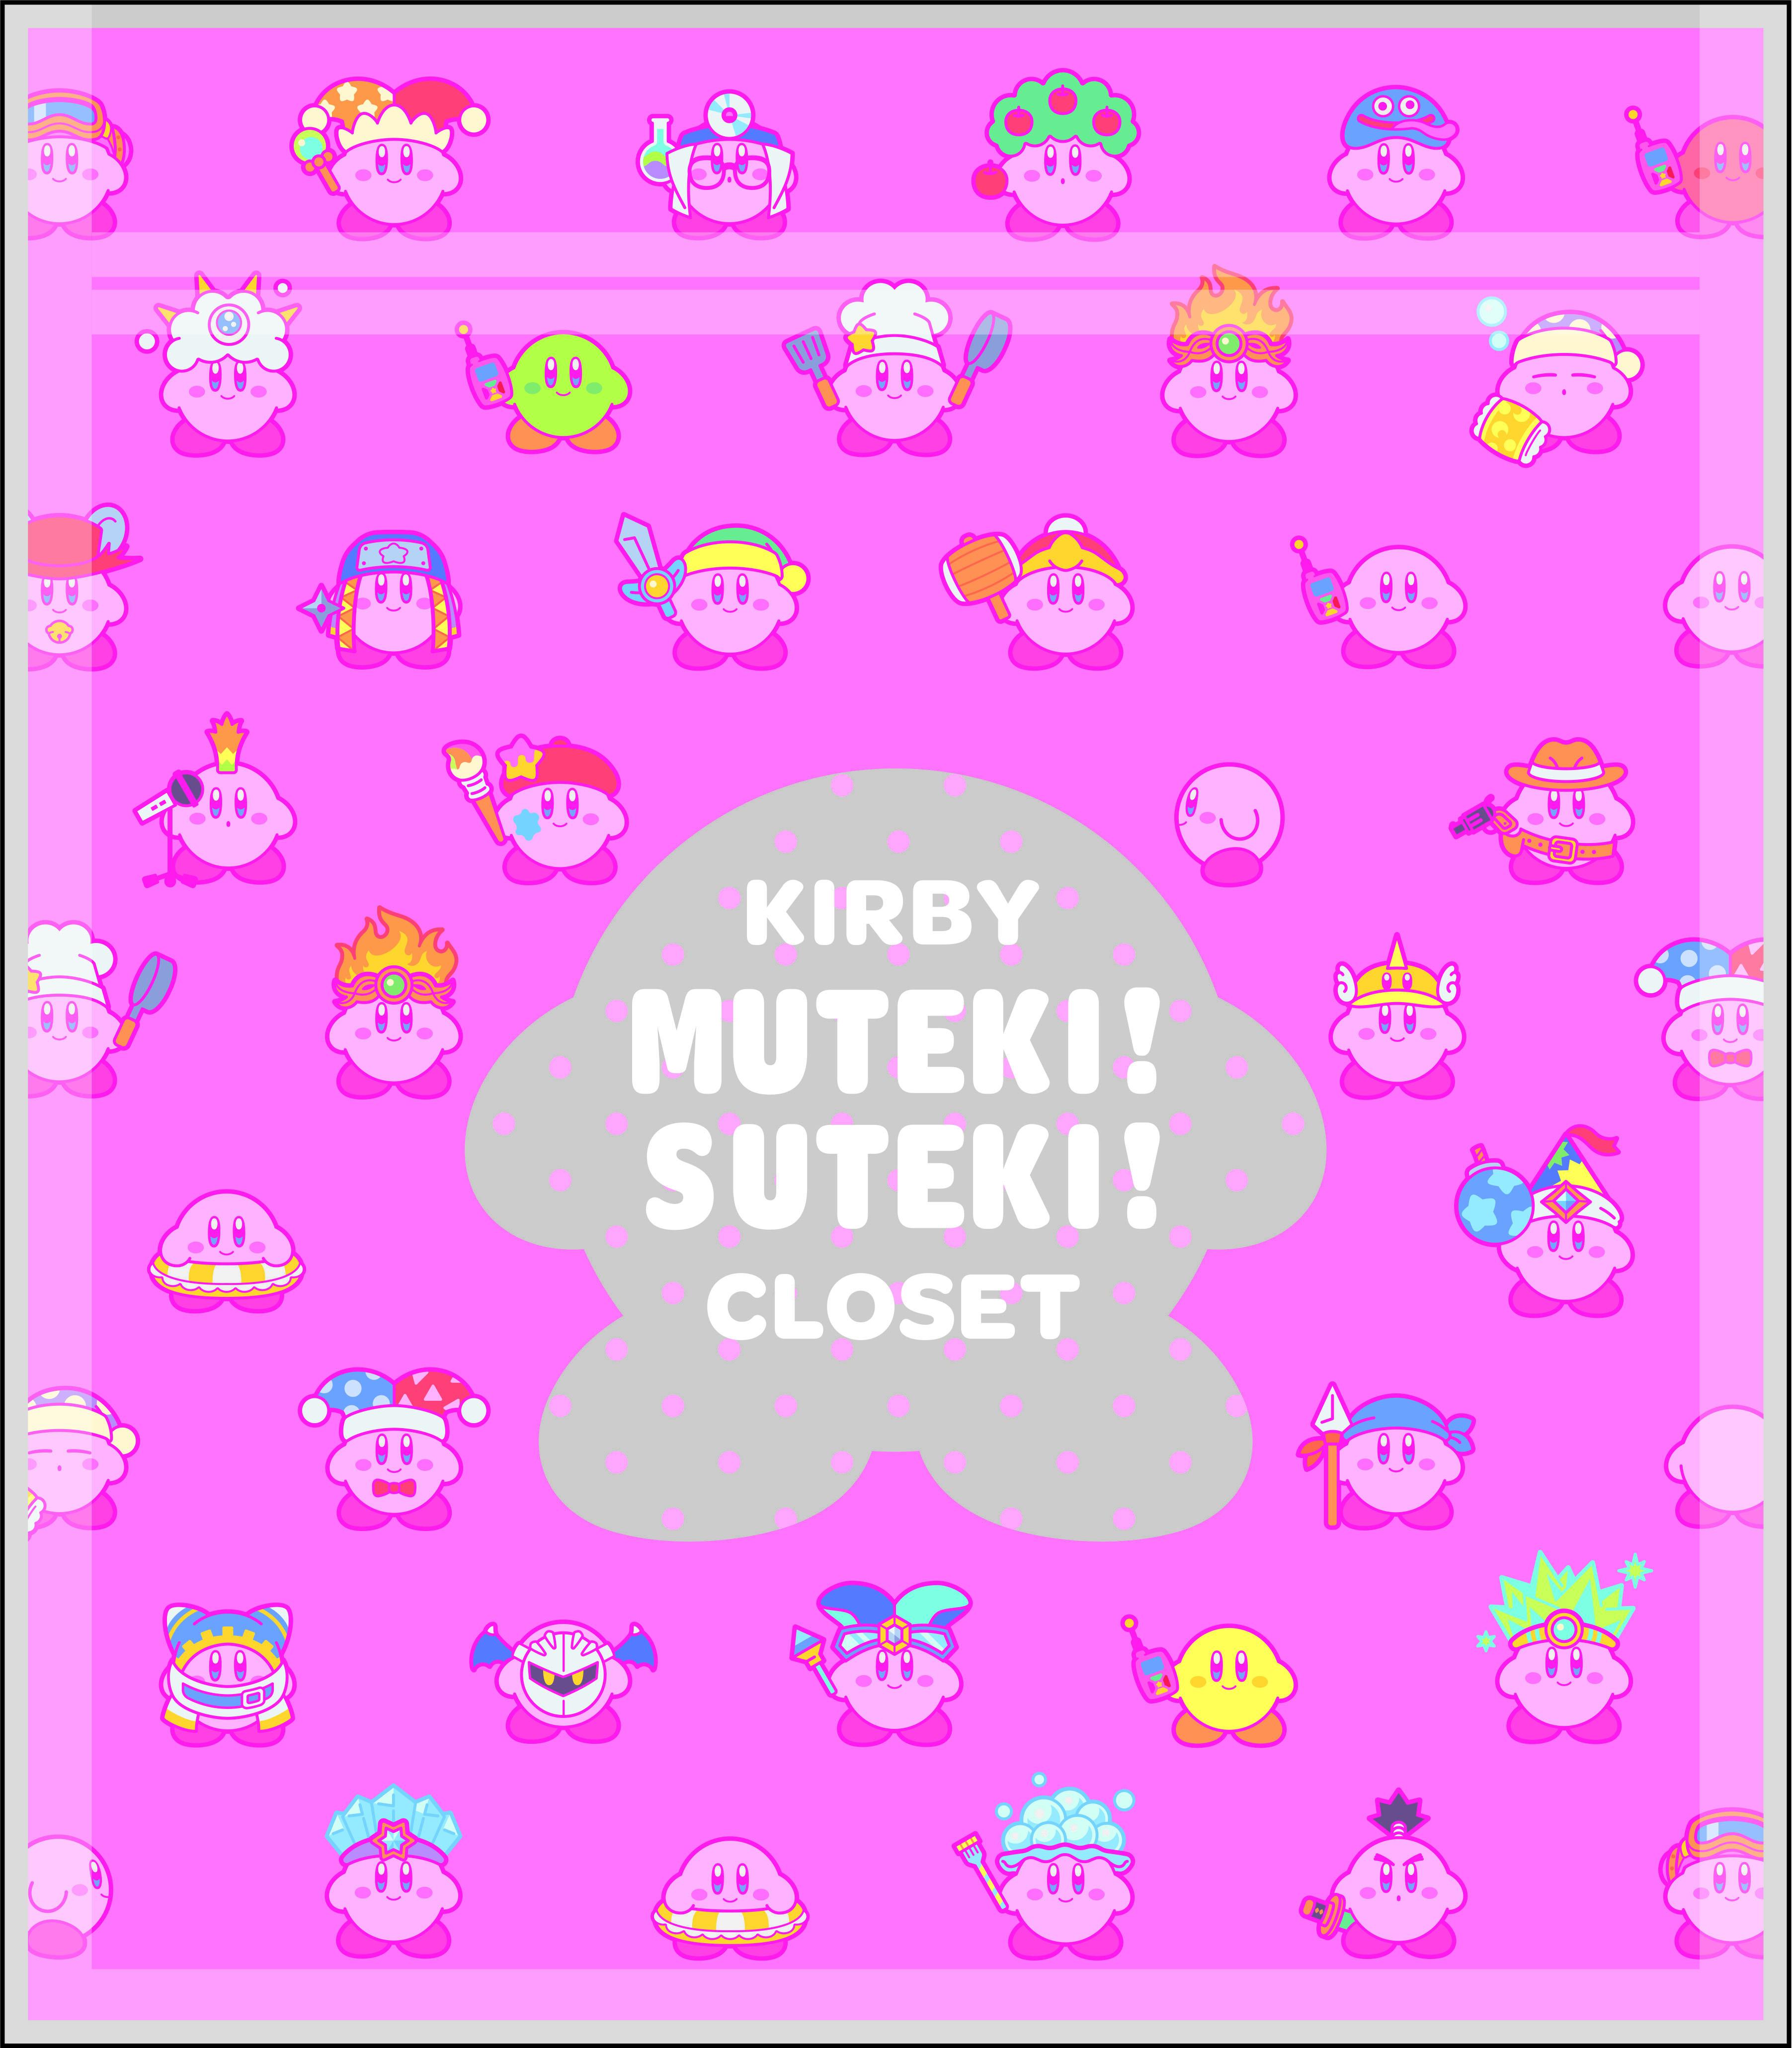 星のカービィ KIRBY MUTEKI! SUTEKI! CLOSET ジッパーバッグ (2) コスチュームコレクション  /  エンスカイ